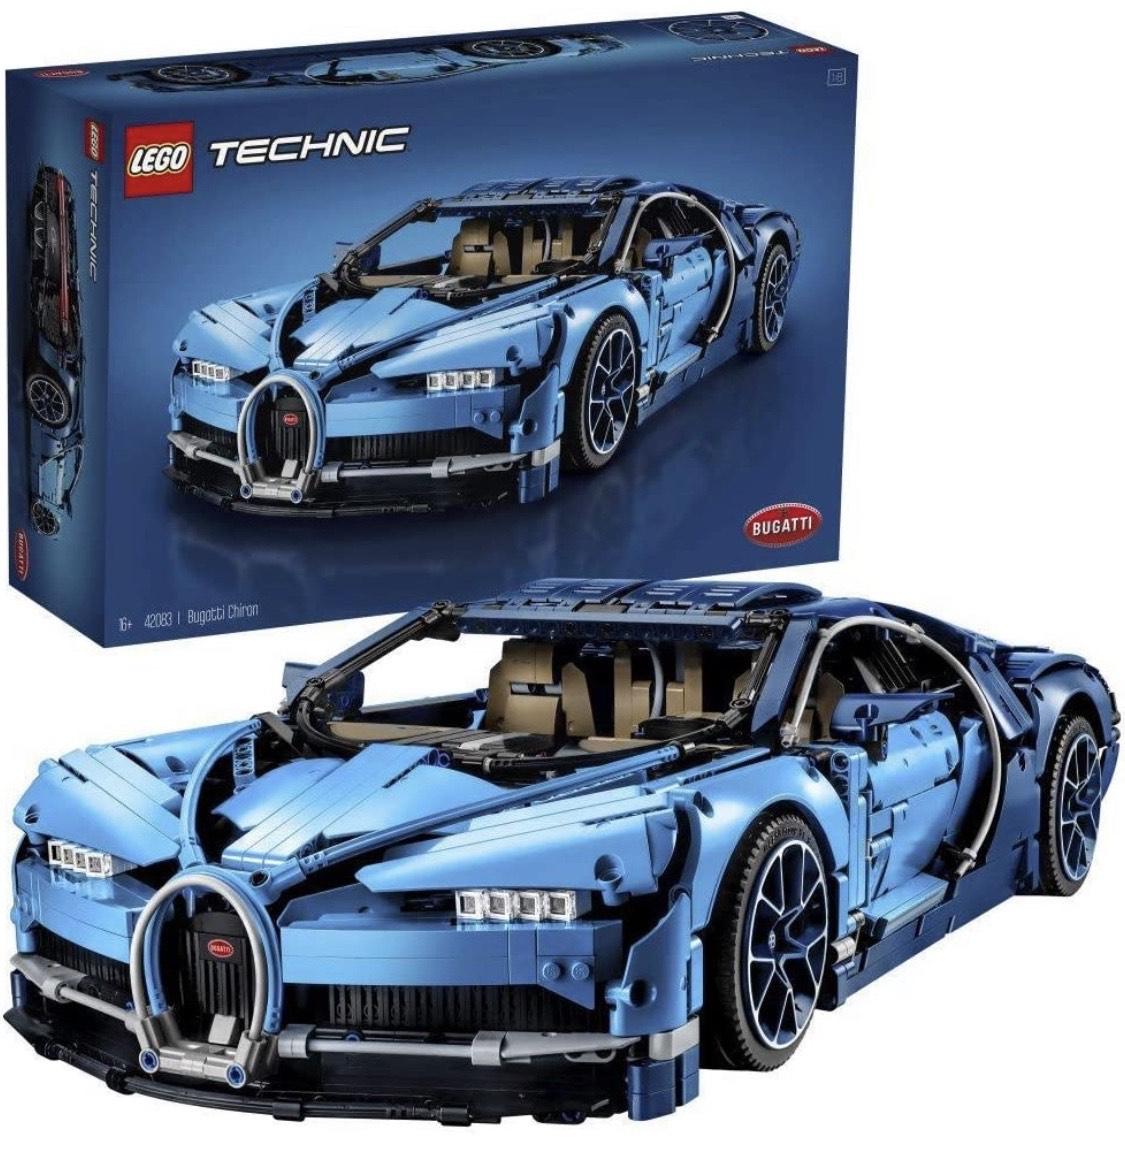 LEGO 42083 Technic Bugatti Chiron Super Sports Car Exclusive Collectible Model, Advanced Building Set £250 @ Amazon